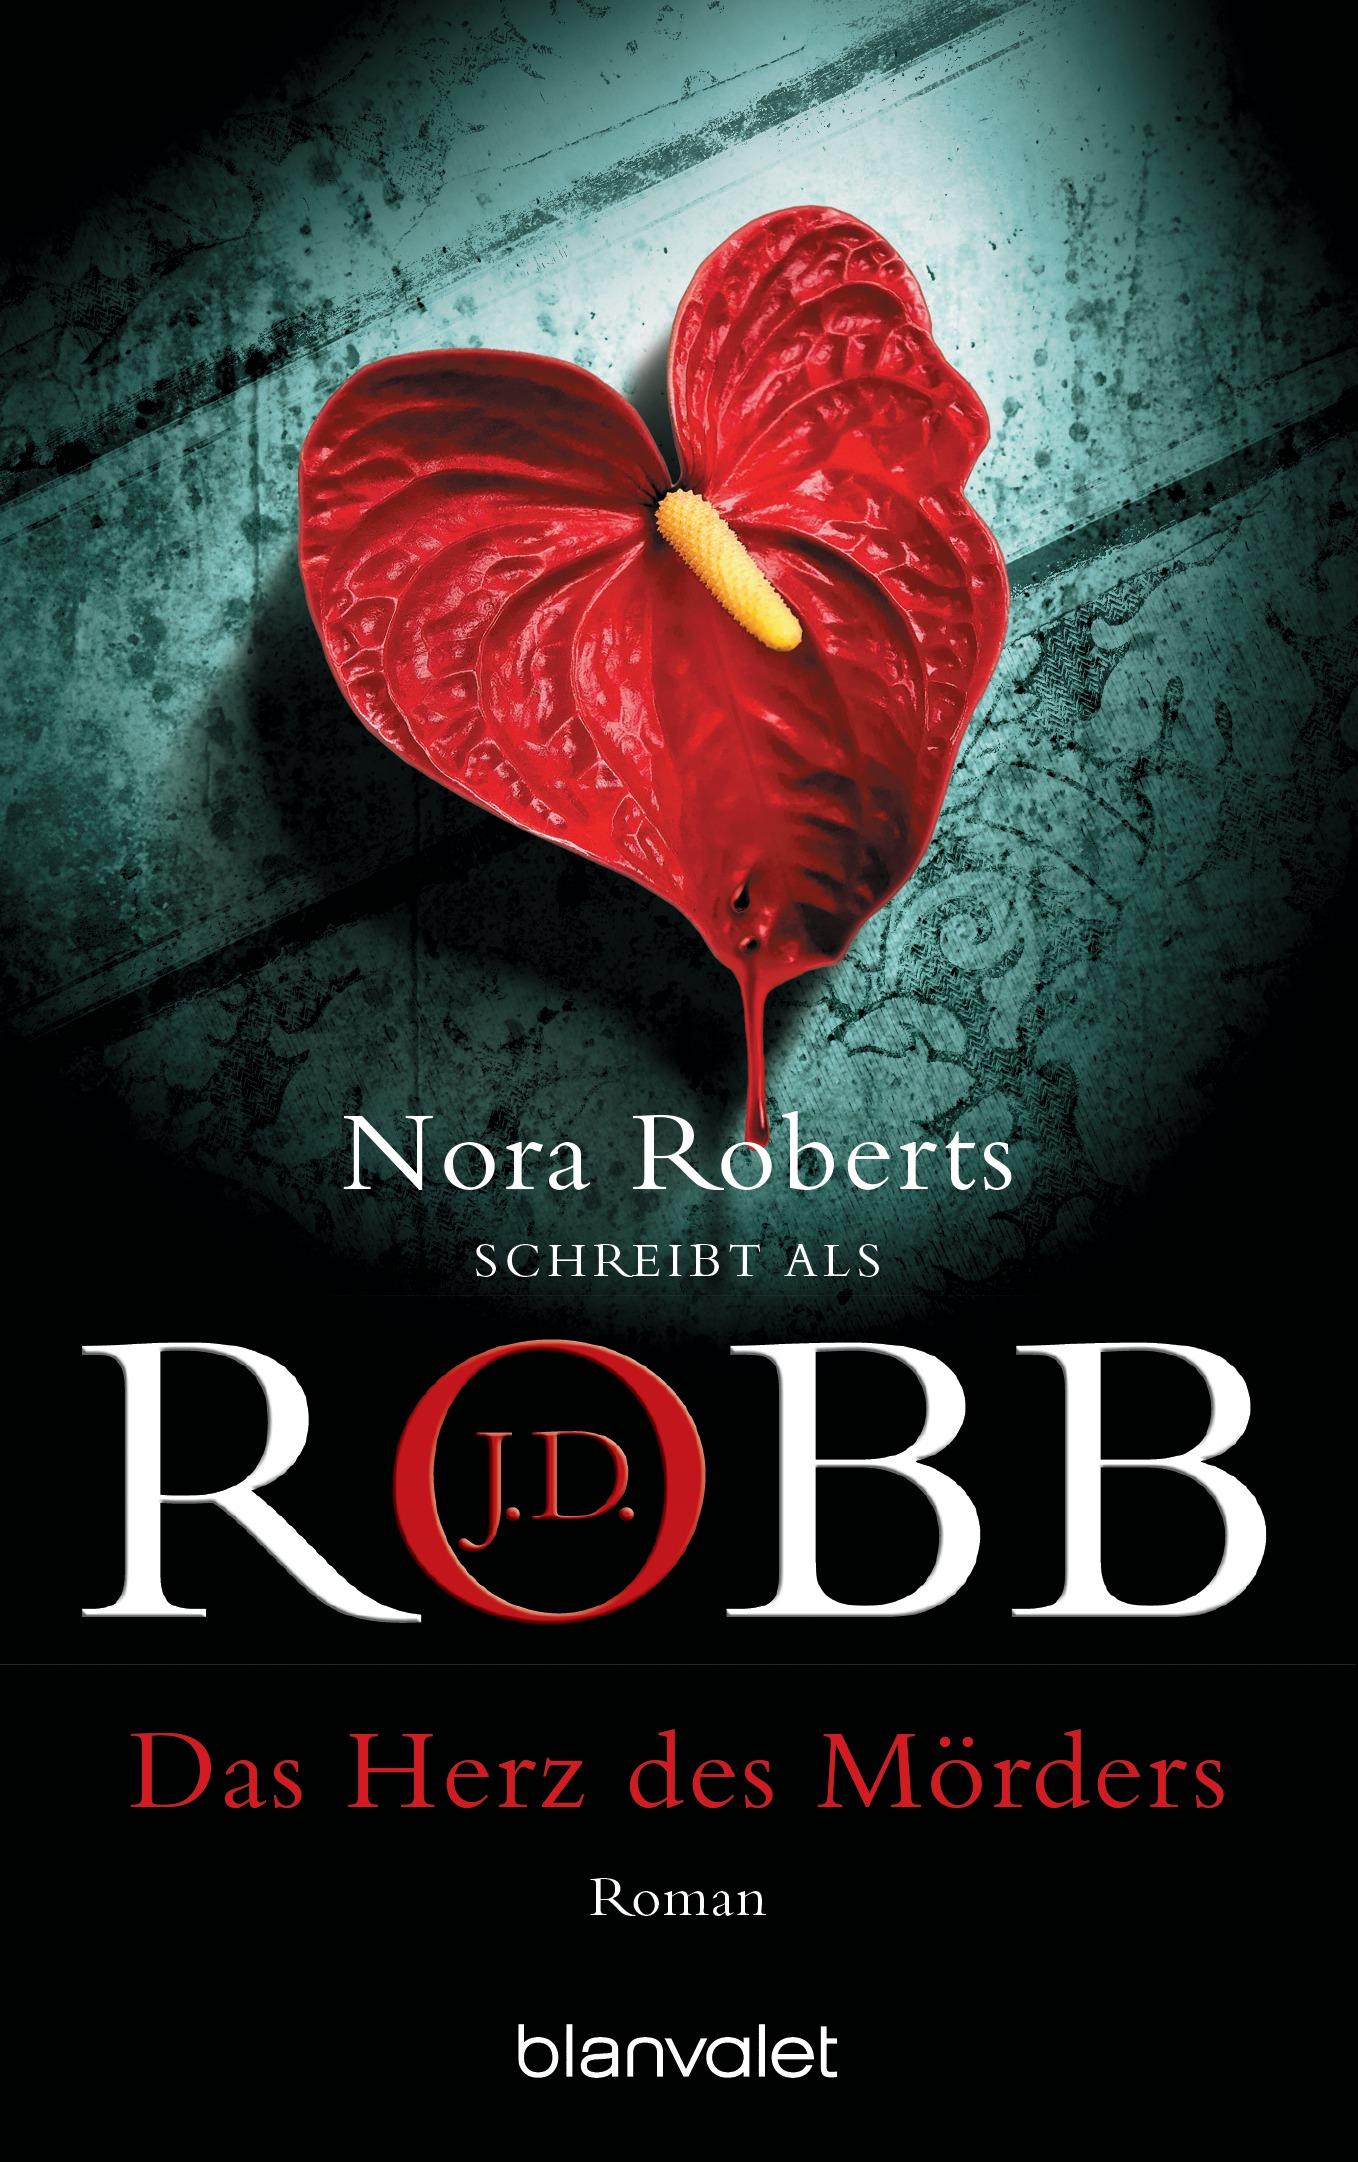 Das Herz des Mörders - J.D. Robb